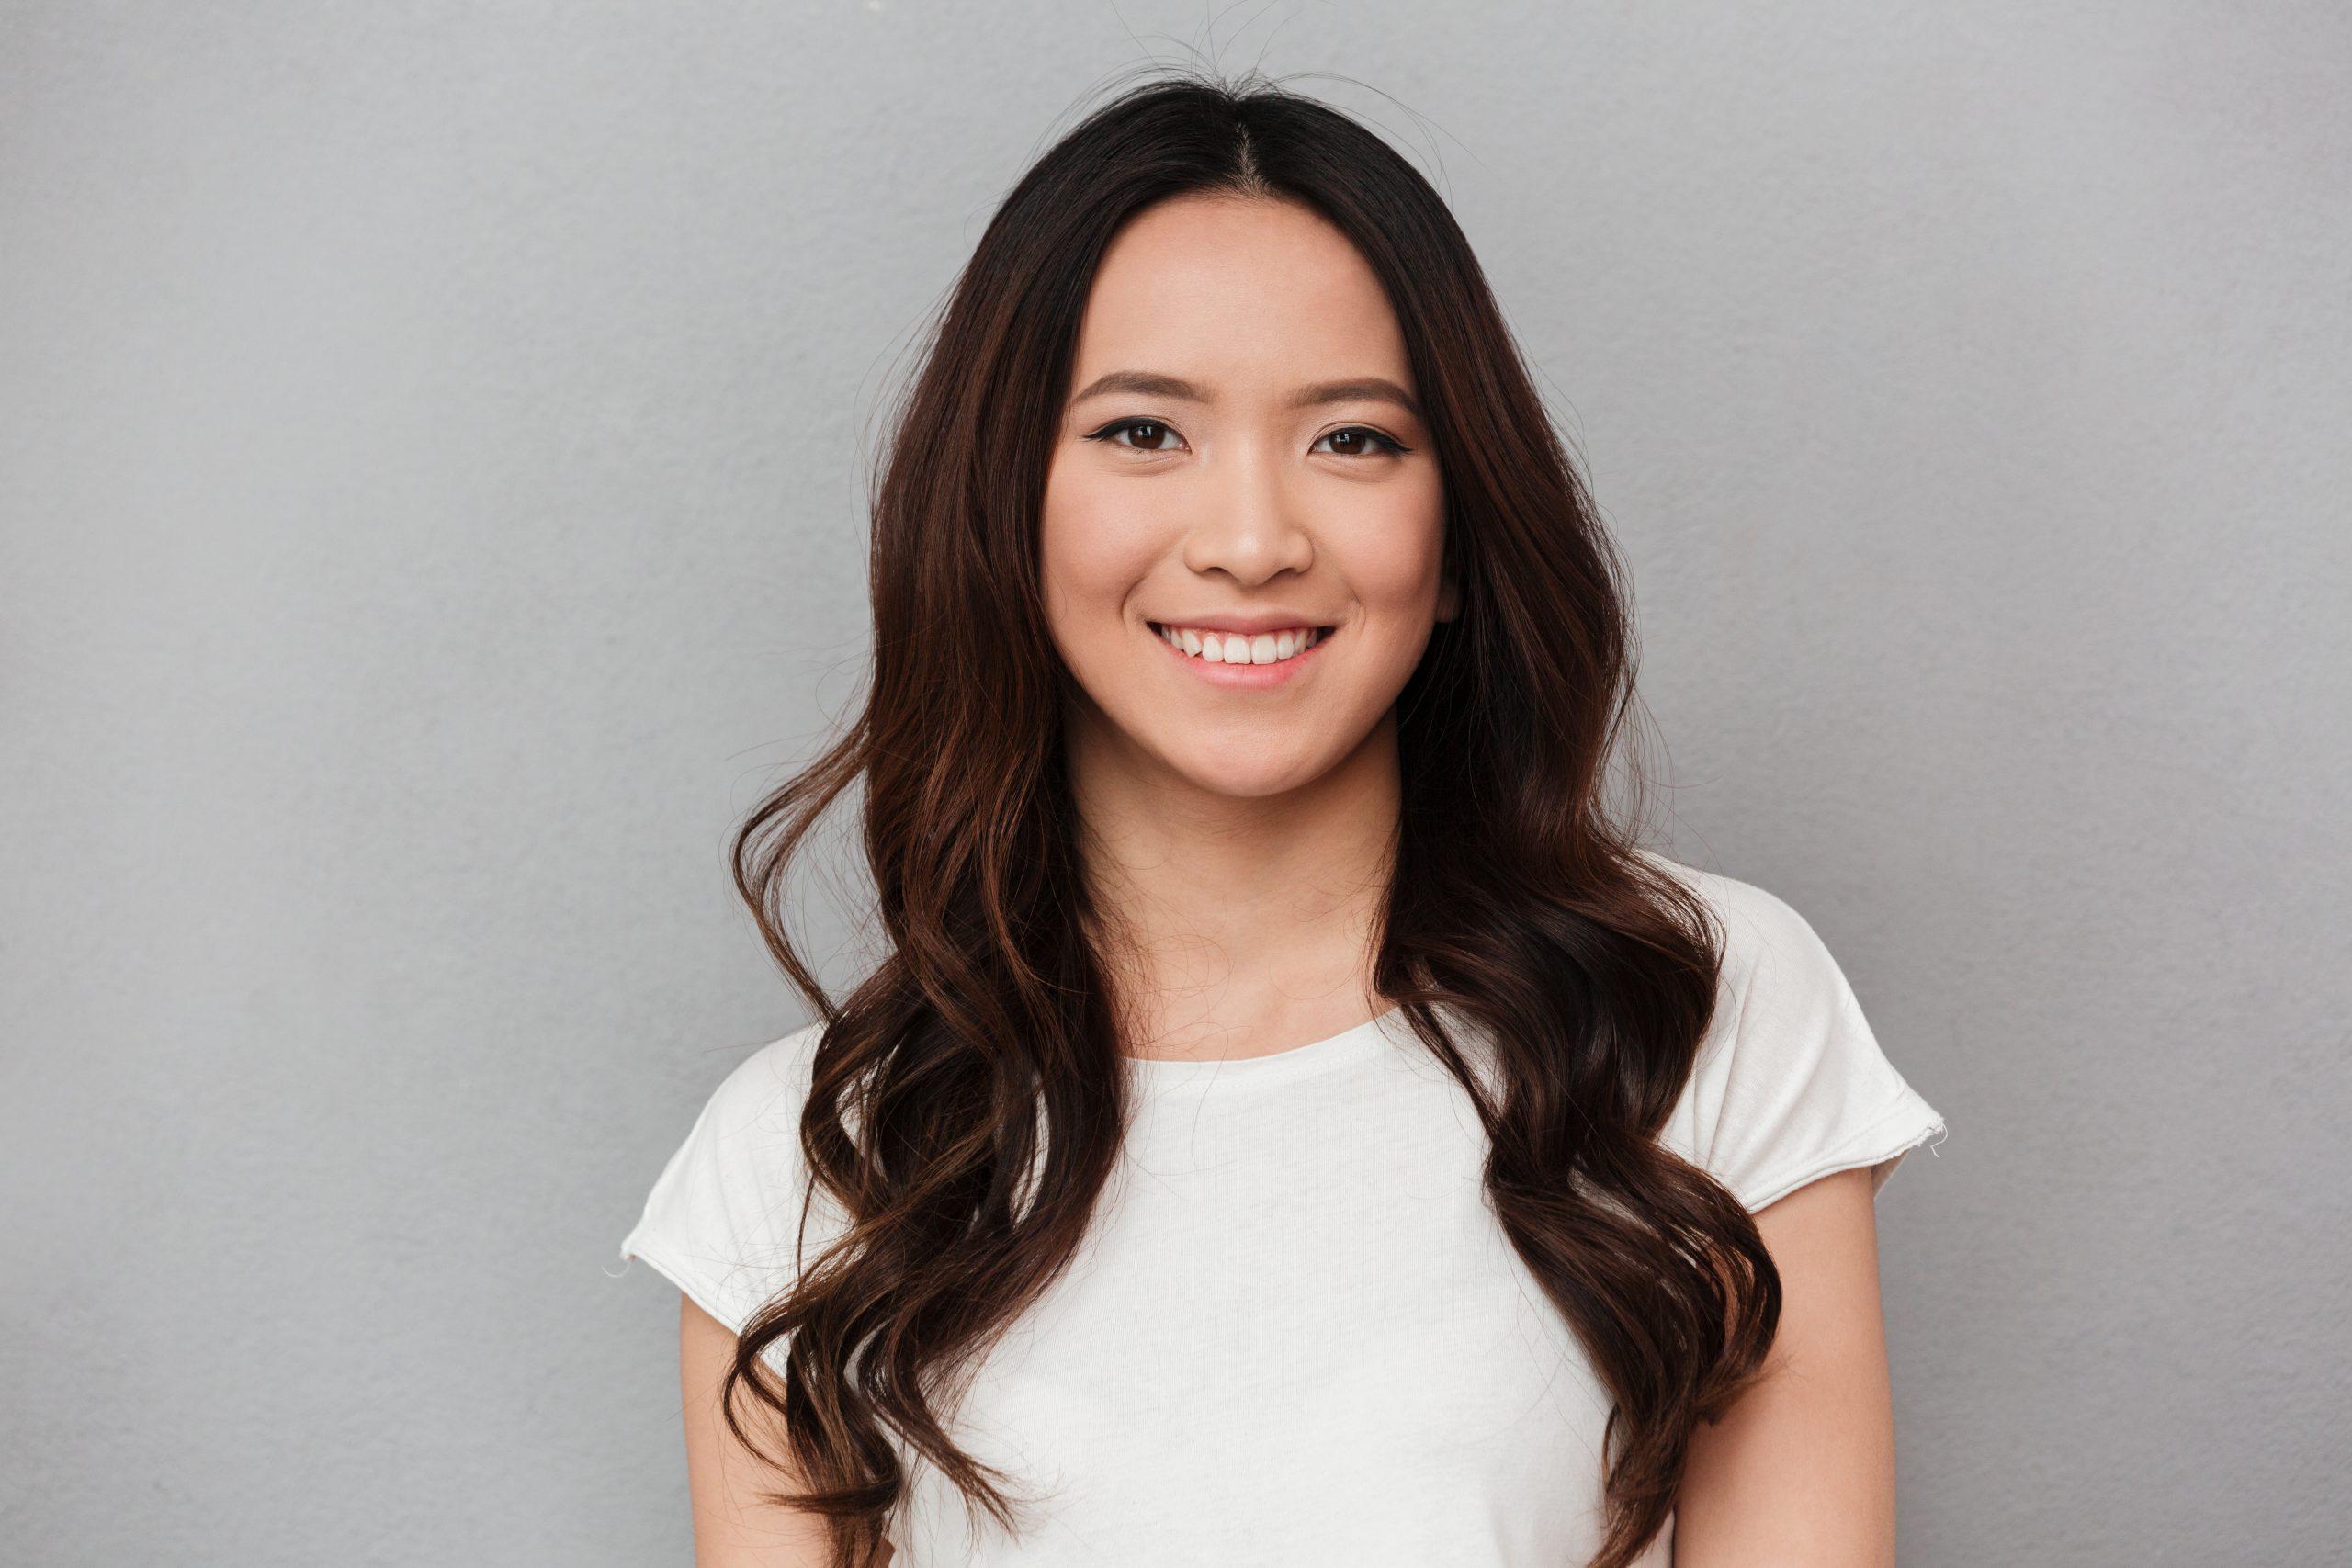 Mariage avec femme asiatique